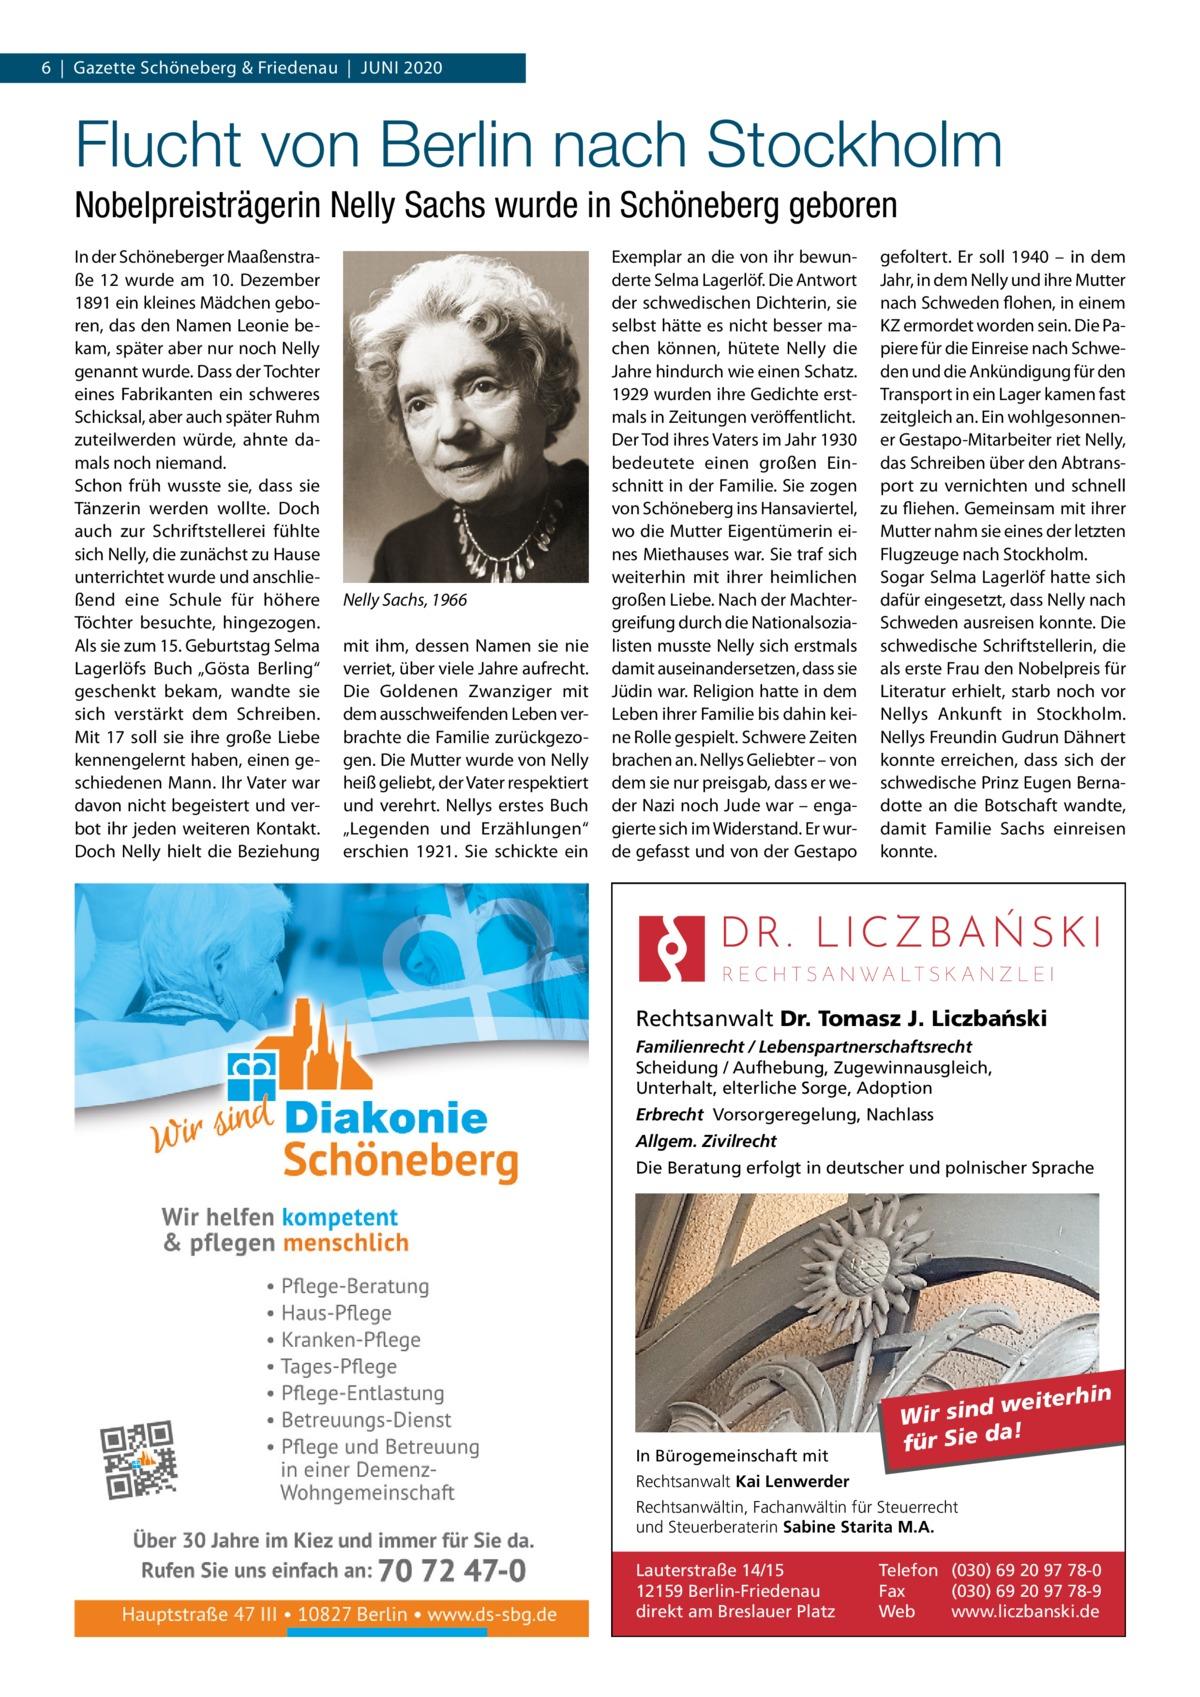 """6 Gazette Schöneberg & Friedenau Juni 2020  Flucht von Berlin nach Stockholm Nobelpreisträgerin Nelly Sachs wurde in Schöneberg geboren In der Schöneberger Maaßenstraße 12 wurde am 10. Dezember 1891 ein kleines Mädchen geboren, das den Namen Leonie bekam, später aber nur noch Nelly genannt wurde. Dass der Tochter eines Fabrikanten ein schweres Schicksal, aber auch später Ruhm zuteilwerden würde, ahnte damals noch niemand. Schon früh wusste sie, dass sie Tänzerin werden wollte. Doch auch zur Schriftstellerei fühlte sich Nelly, die zunächst zu Hause unterrichtet wurde und anschließend eine Schule für höhere Töchter besuchte, hingezogen. Als sie zum 15.Geburtstag Selma Lagerlöfs Buch """"Gösta Berling"""" geschenkt bekam, wandte sie sich verstärkt dem Schreiben. Mit 17 soll sie ihre große Liebe kennengelernt haben, einen geschiedenen Mann. Ihr Vater war davon nicht begeistert und verbot ihr jeden weiteren Kontakt. Doch Nelly hielt die Beziehung  Nelly Sachs, 1966 mit ihm, dessen Namen sie nie verriet, über viele Jahre aufrecht. Die Goldenen Zwanziger mit dem ausschweifenden Leben verbrachte die Familie zurückgezogen. Die Mutter wurde von Nelly heiß geliebt, der Vater respektiert und verehrt. Nellys erstes Buch """"Legenden und Erzählungen"""" erschien 1921. Sie schickte ein  Exemplar an die von ihr bewunderte Selma Lagerlöf. Die Antwort der schwedischen Dichterin, sie selbst hätte es nicht besser machen können, hütete Nelly die Jahre hindurch wie einen Schatz. 1929 wurden ihre Gedichte erstmals in Zeitungen veröffentlicht. Der Tod ihres Vaters im Jahr 1930 bedeutete einen großen Einschnitt in der Familie. Sie zogen von Schöneberg ins Hansaviertel, wo die Mutter Eigentümerin eines Miethauses war. Sie traf sich weiterhin mit ihrer heimlichen großen Liebe. Nach der Machtergreifung durch die Nationalsozialisten musste Nelly sich erstmals damit auseinandersetzen, dass sie Jüdin war. Religion hatte in dem Leben ihrer Familie bis dahin keine Rolle gespielt. Schwere Zeiten brachen an. Nel"""